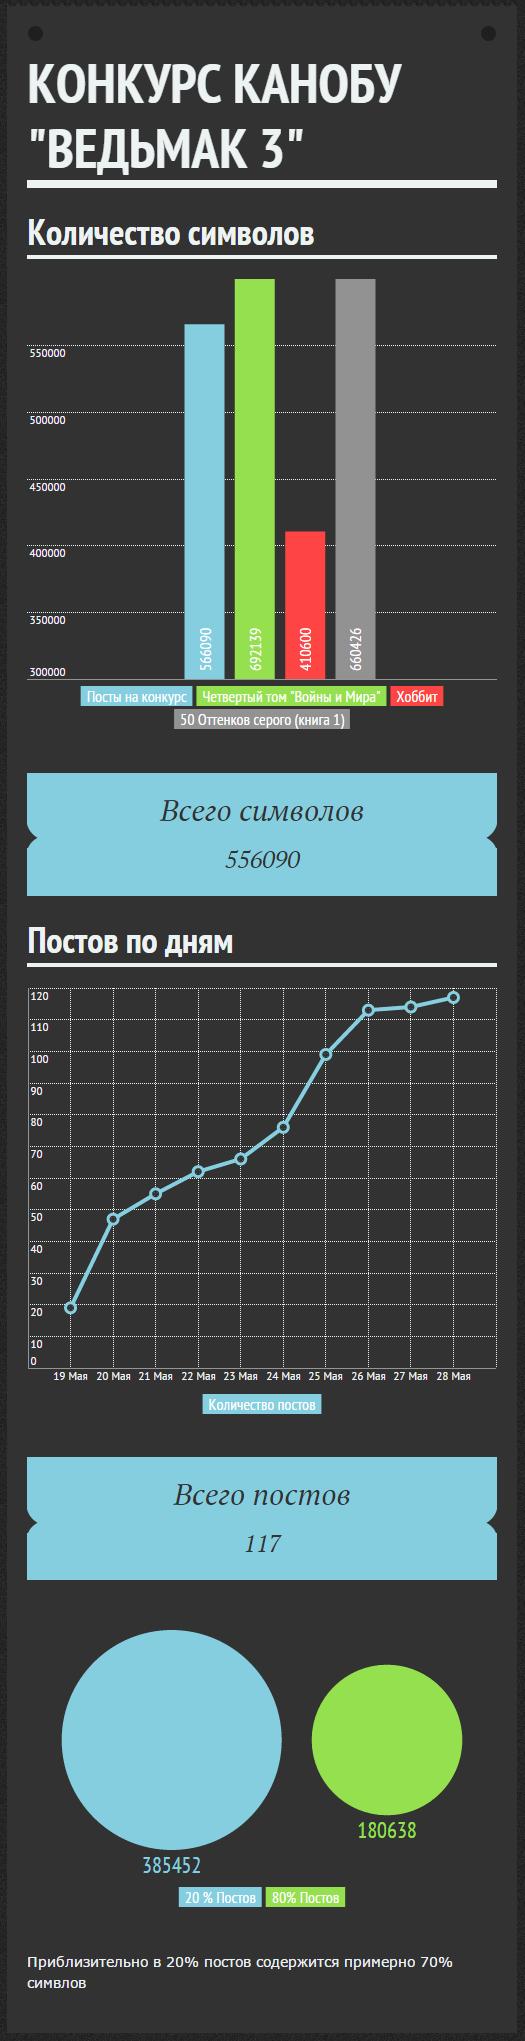 """Инфографика к конкурсу по """"Ведьмаку 3"""" - Изображение 1"""